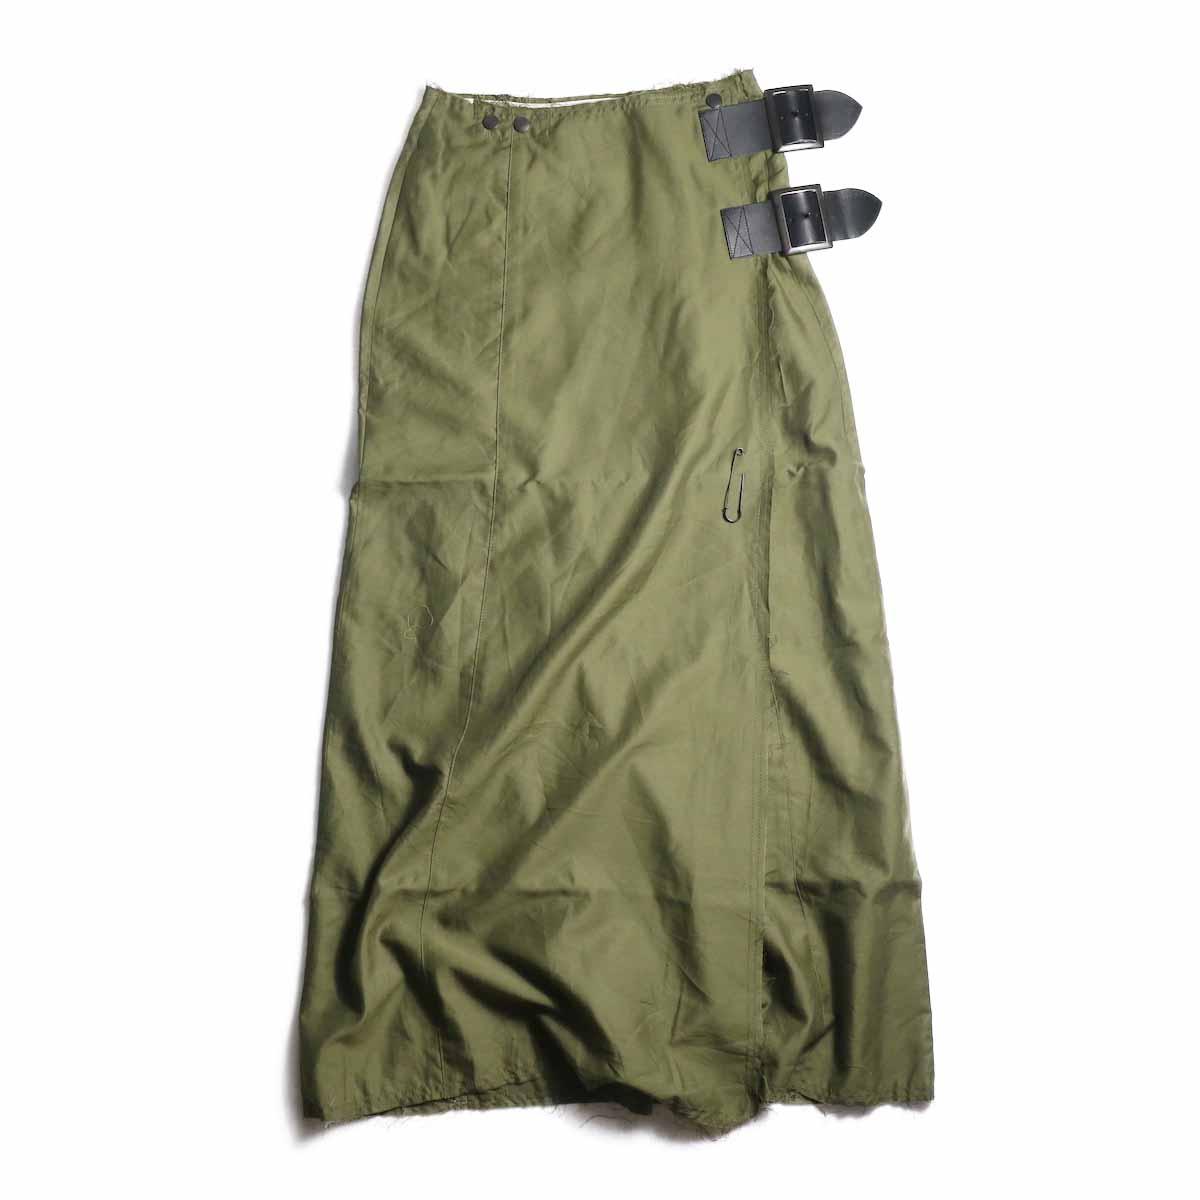 Needles / Wrap Skirt -t/r Back Sateen (Olive)